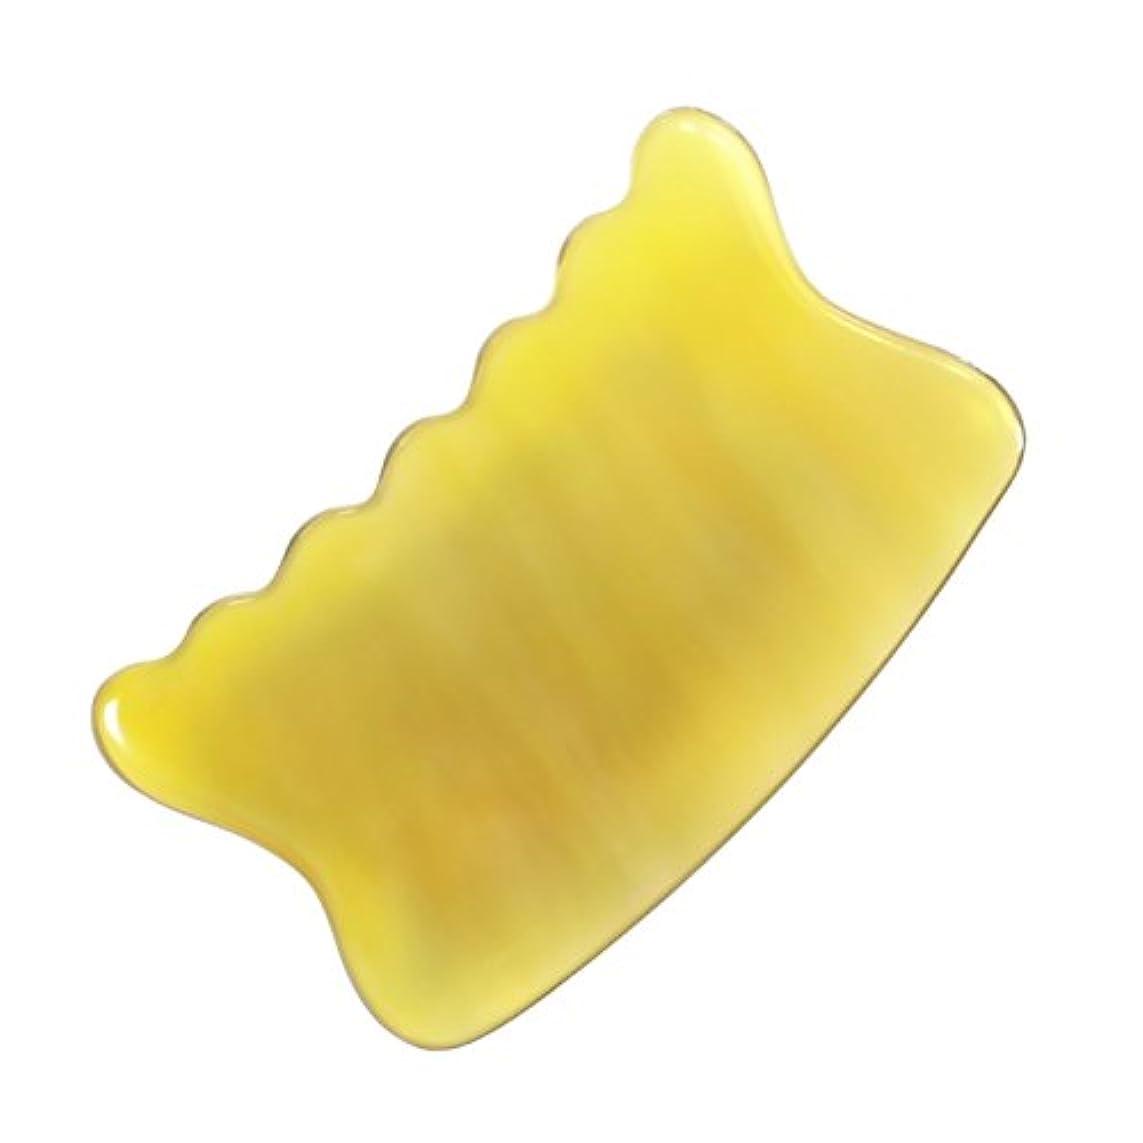 とまり木やがて階下かっさ プレート 希少68 黄水牛角 極美品 曲波型